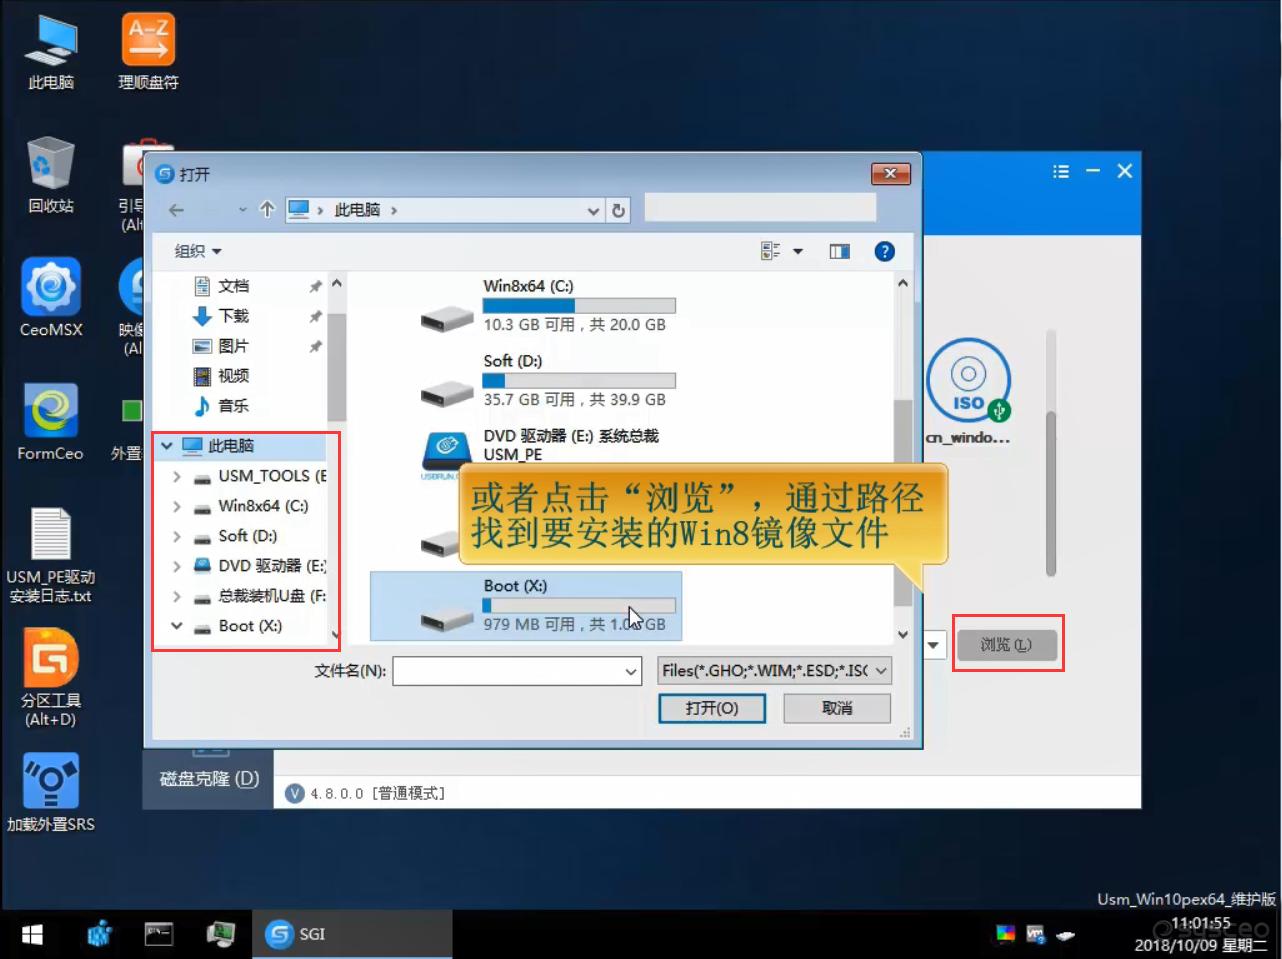 点击浏览,通过路径找到要安装的Win8镜像文件